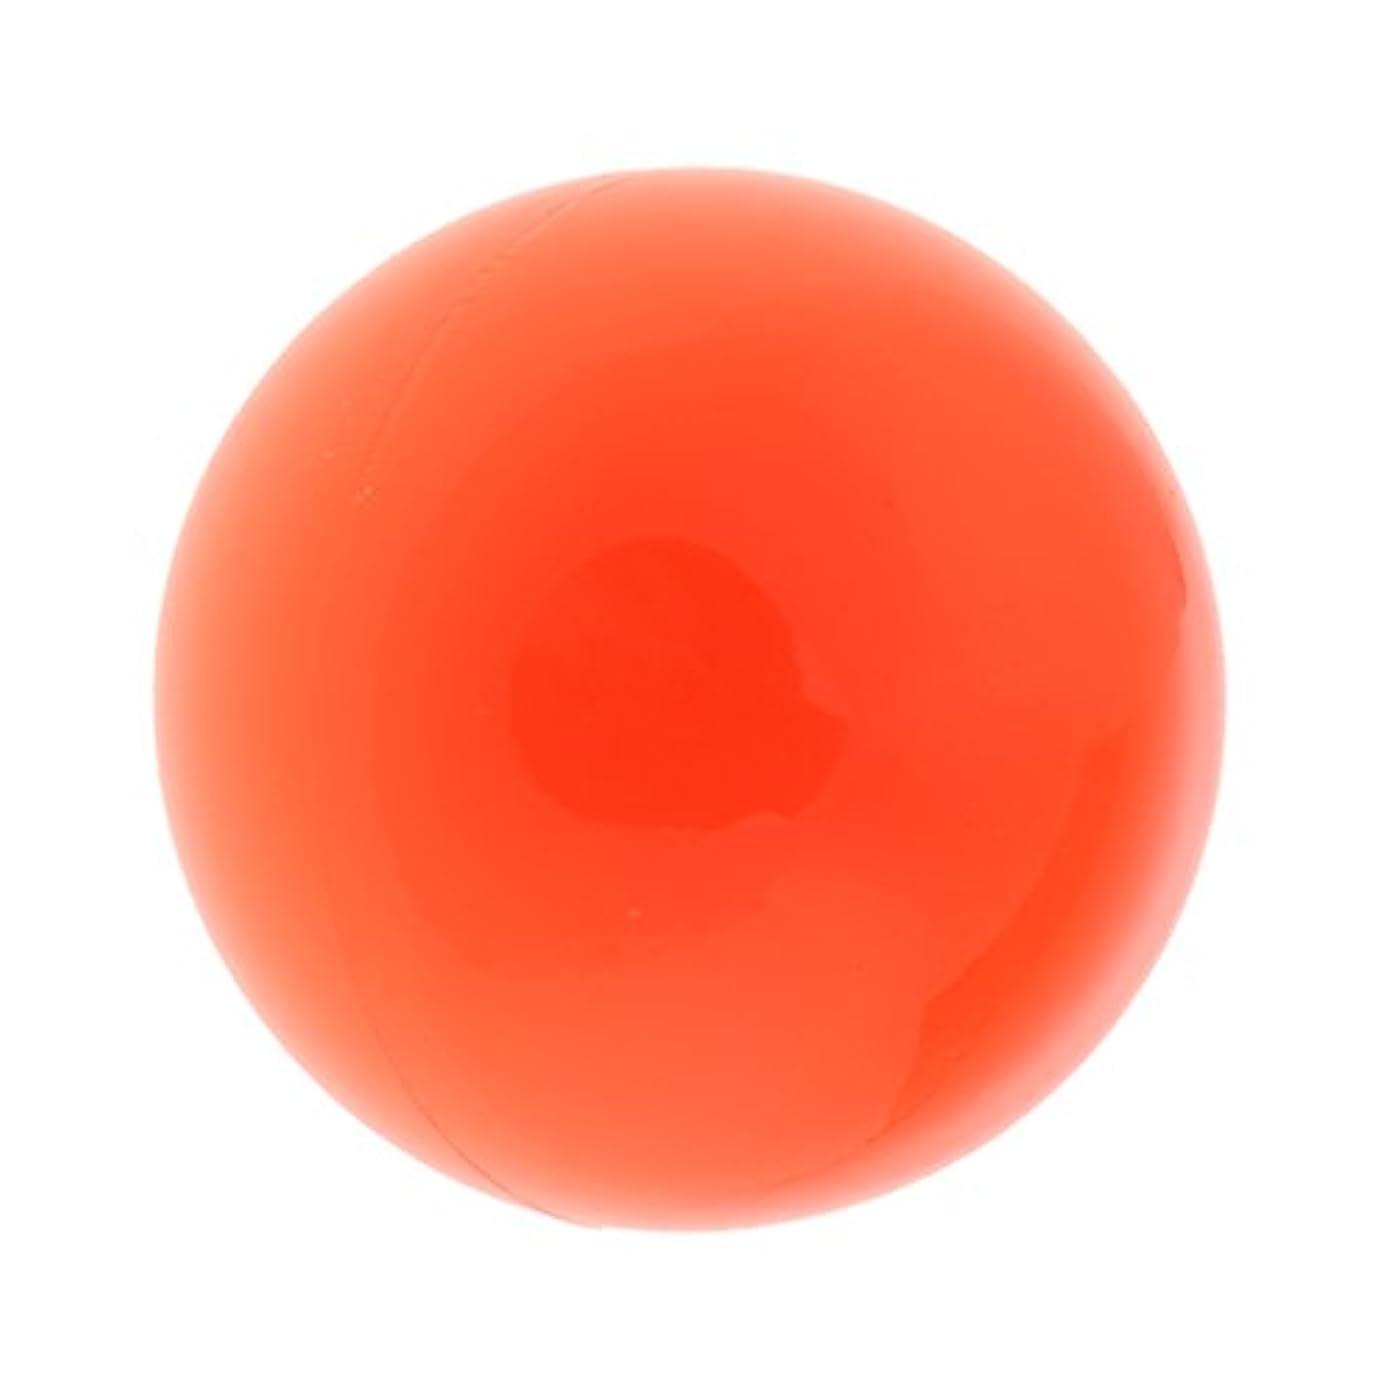 各重要性セーブFenteer ラクロスマッサージボール マッサージボール マッサージ 手のひら 足 腕 首 背中 足首 ジム ホーム 便利 オレンジ